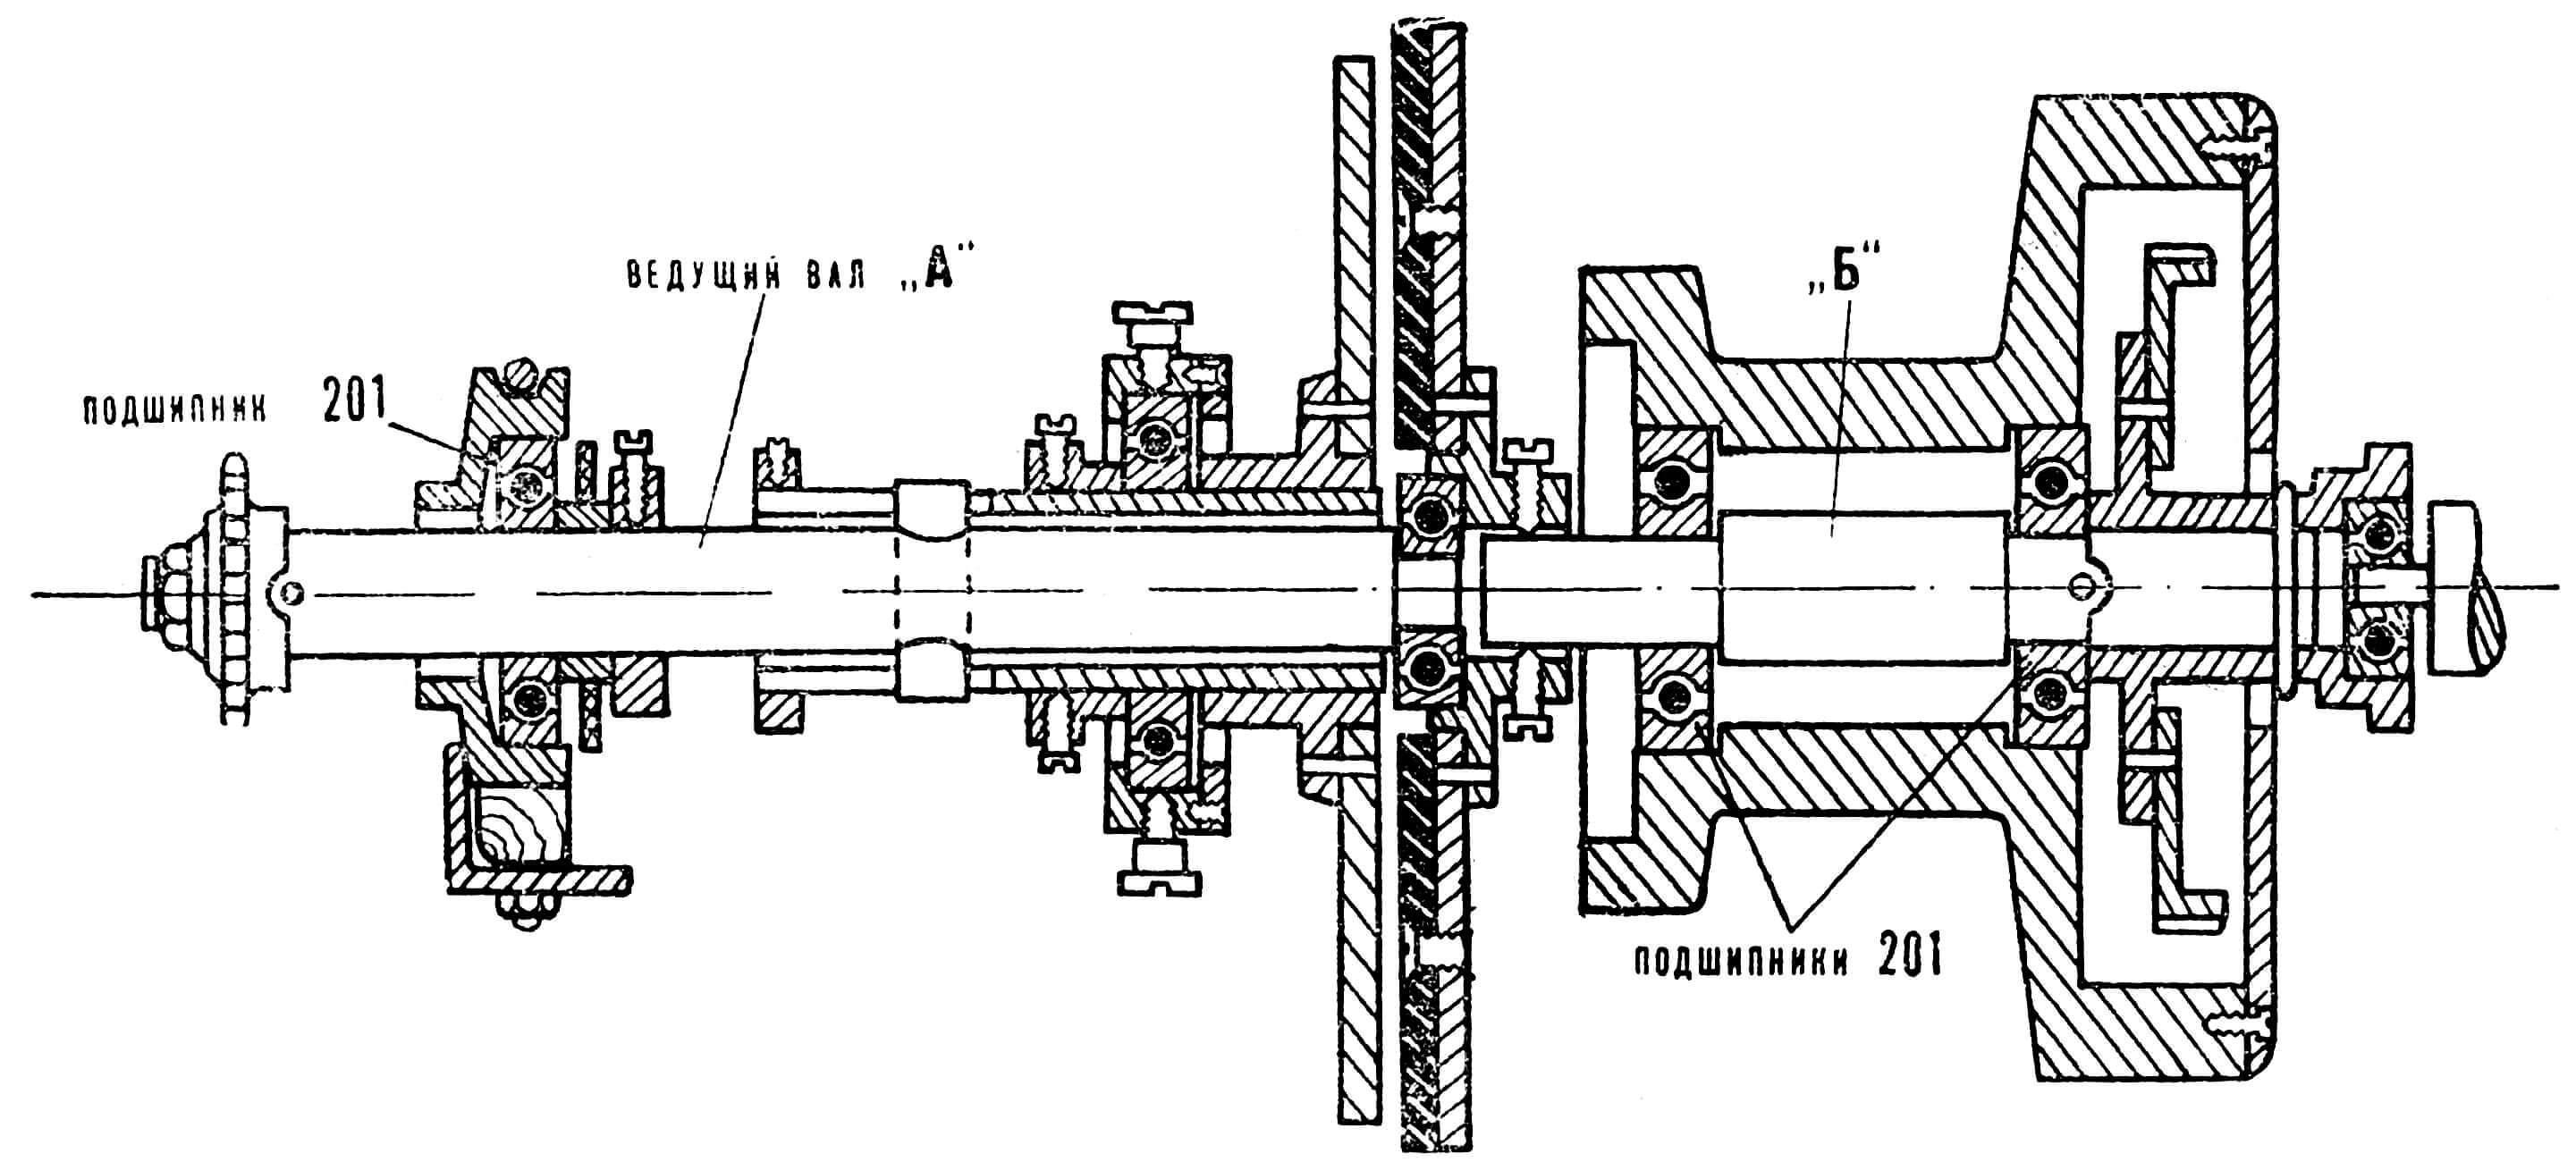 Рис. 5. Чертеж узла двигателя с трансмиссией: А — ведущий вал, Б — вал, установленный вместо вала сцепления с муфтой.